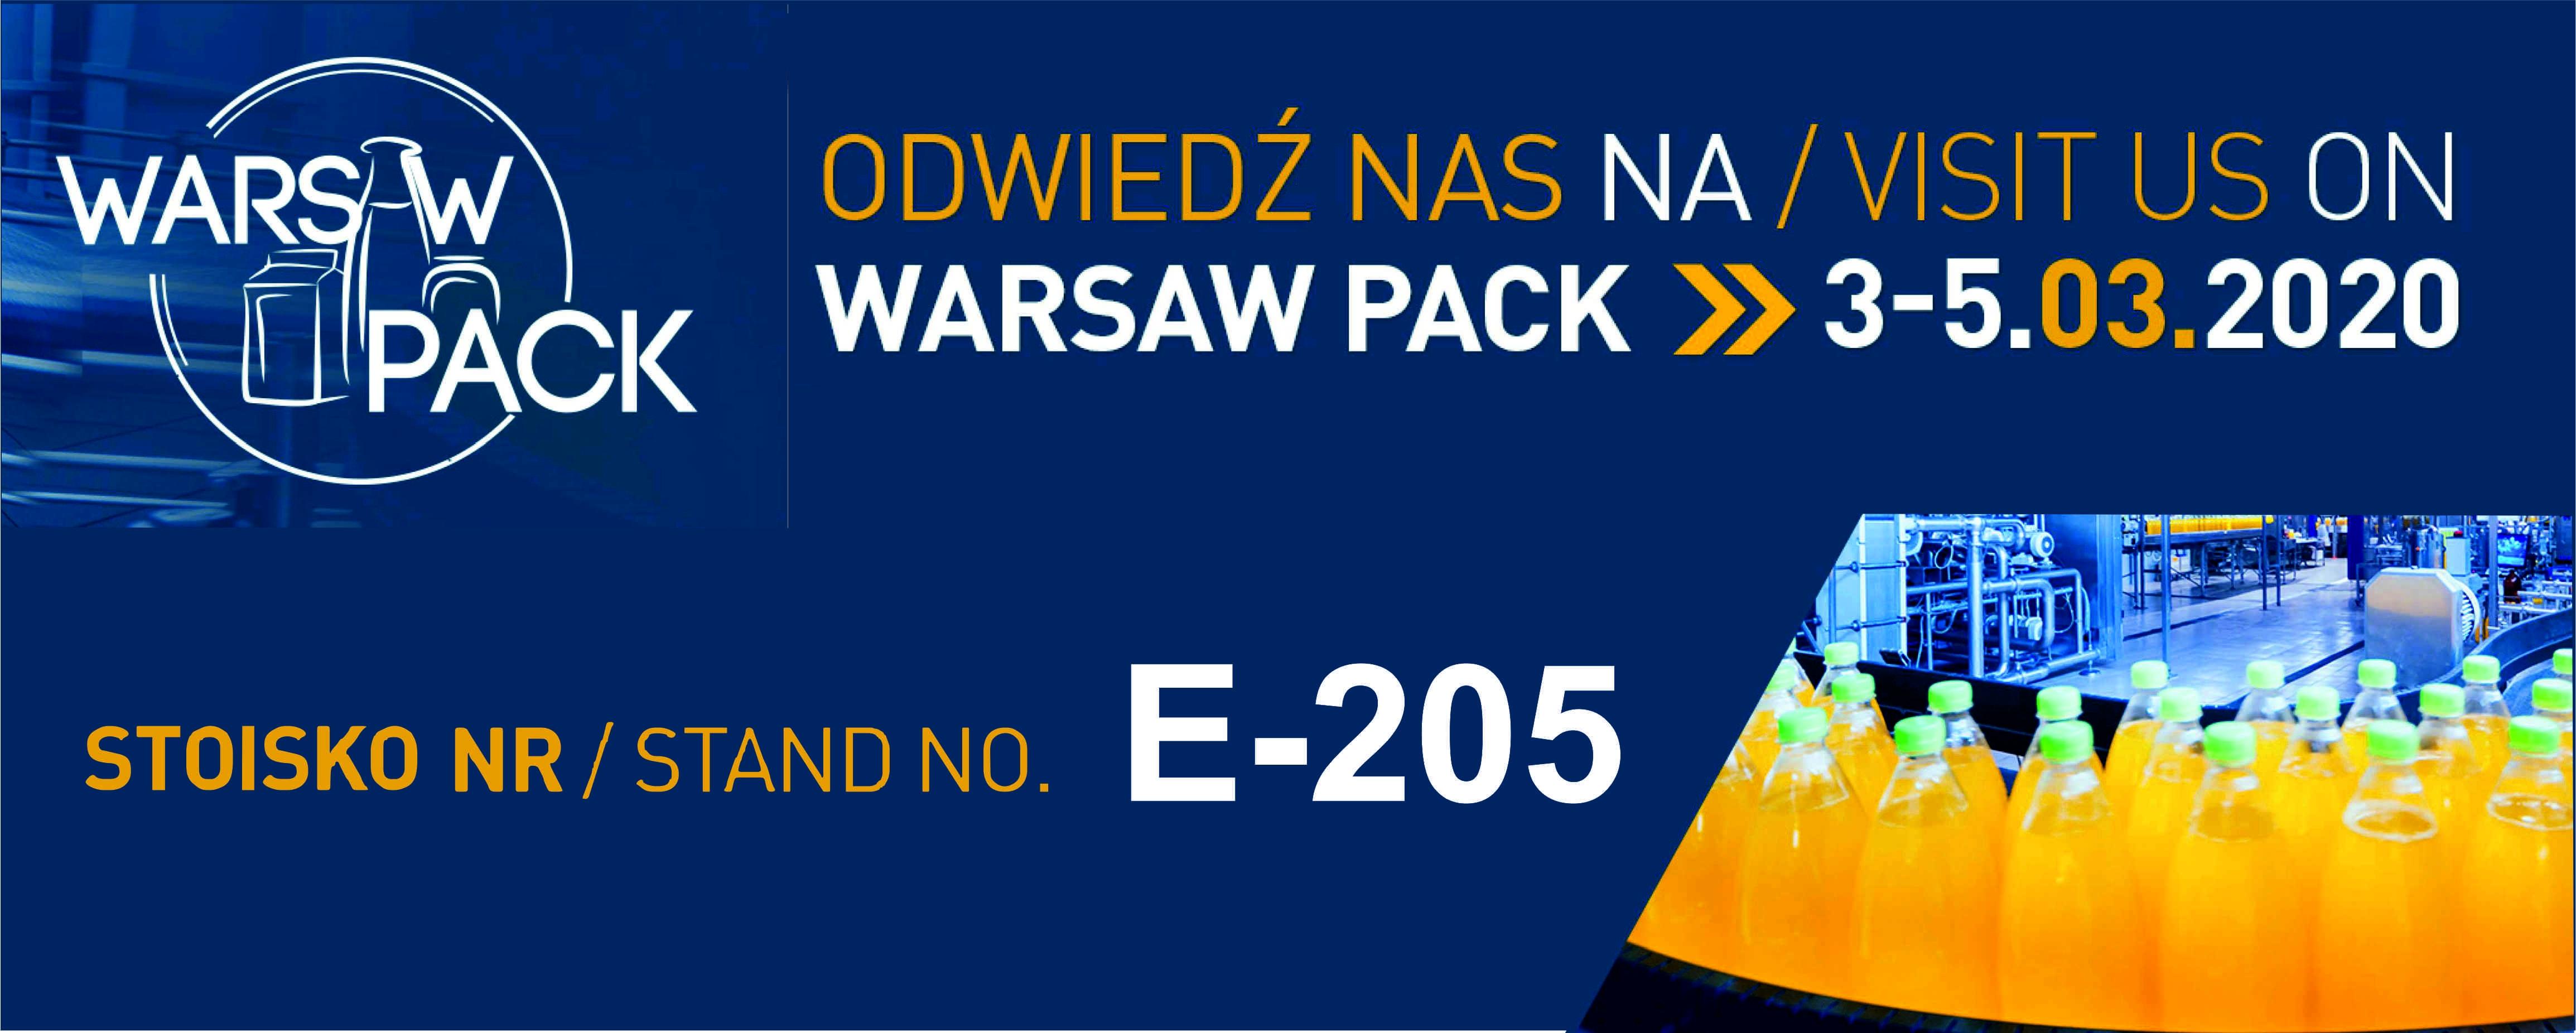 Zapraszamy na targi WARSAW PACK do Nadarzyna